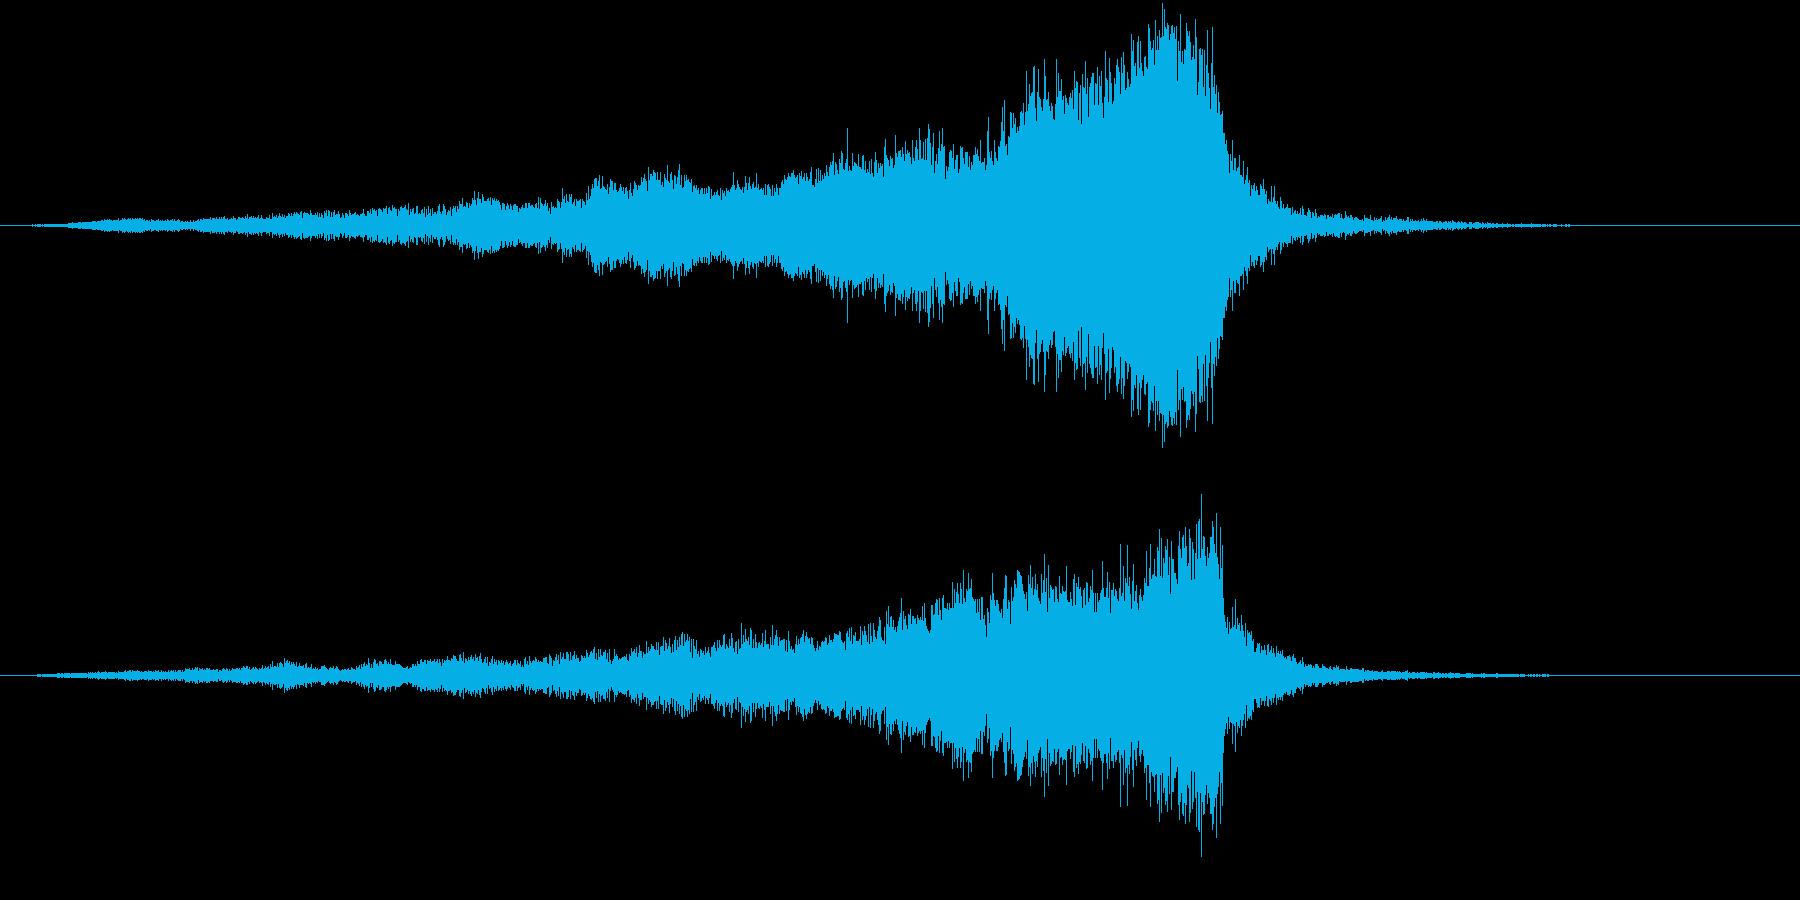 【ライザー】03 ホラーサウンド 冷気の再生済みの波形